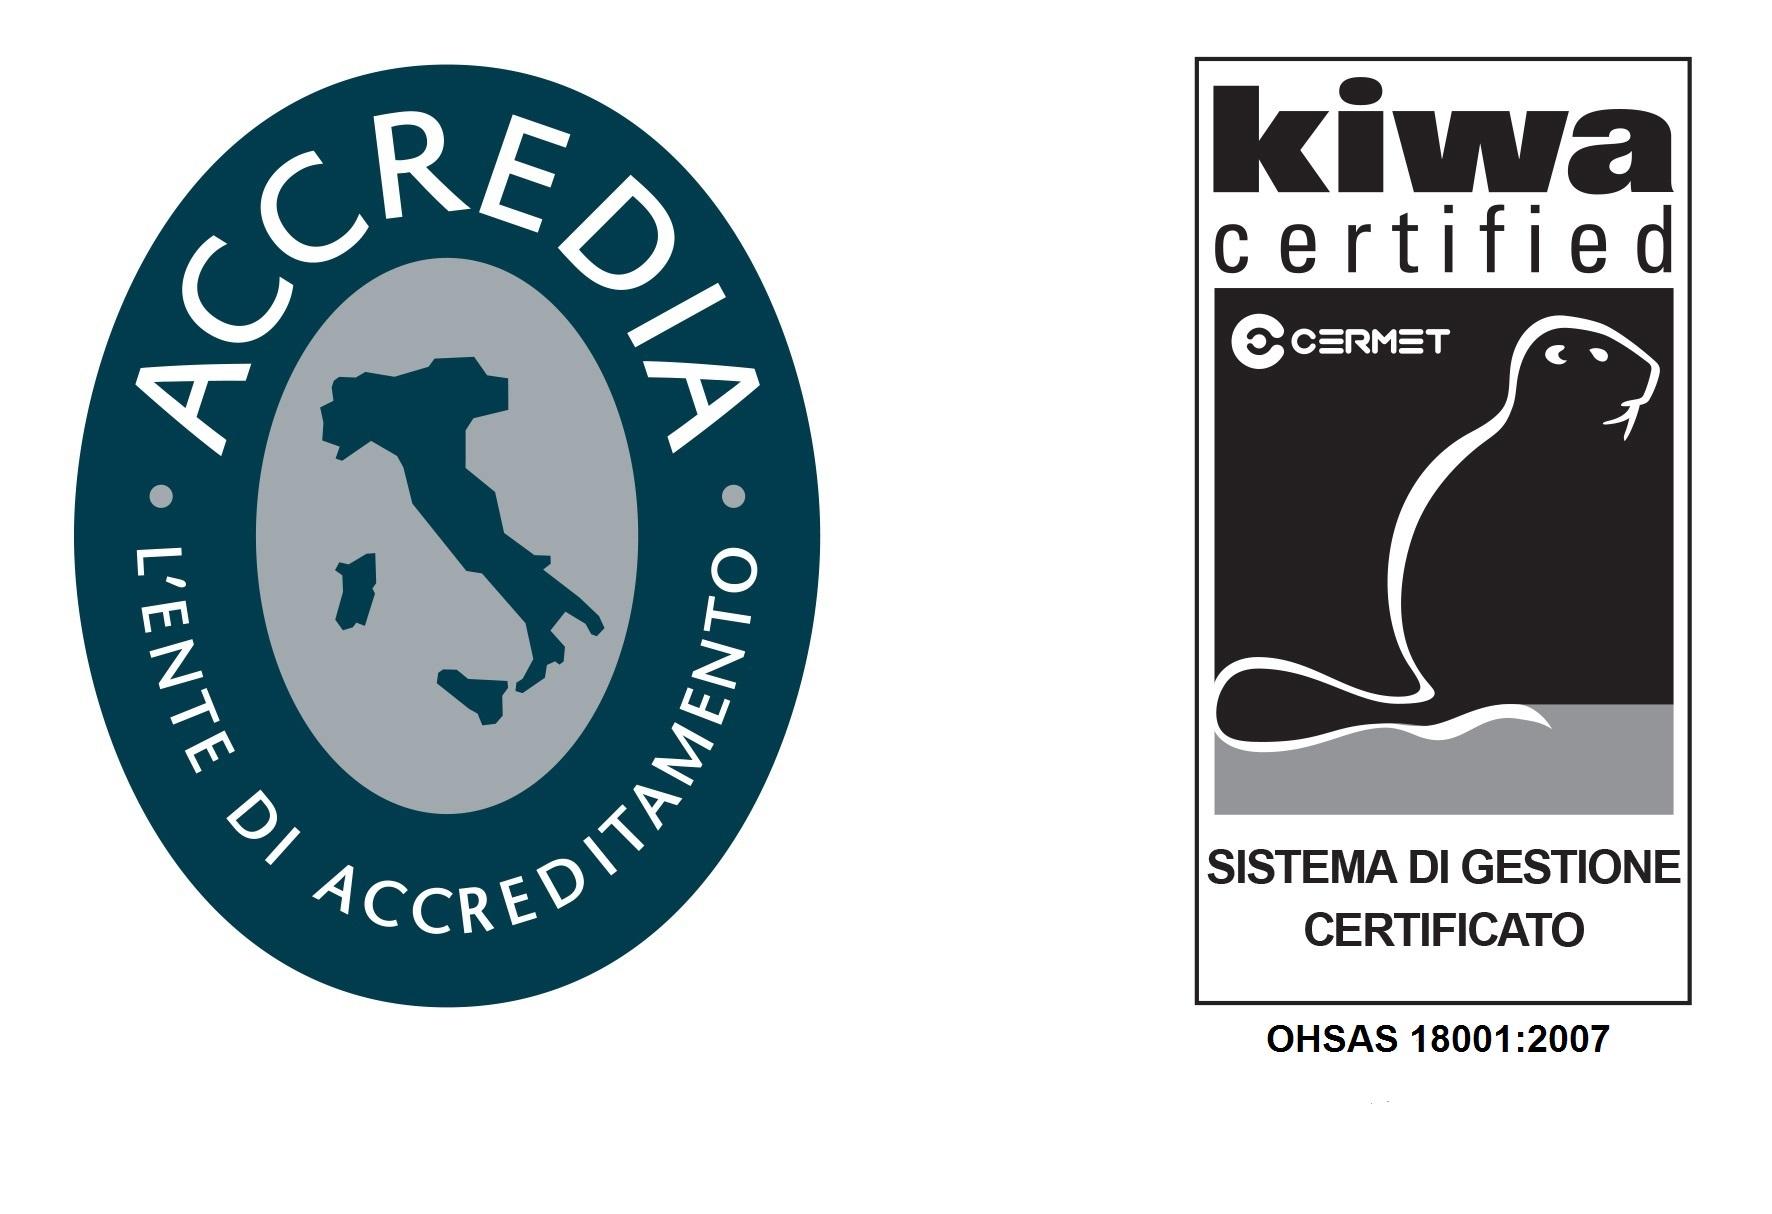 LOGO - Certificazioni di qualità OHSAS 18001:2007